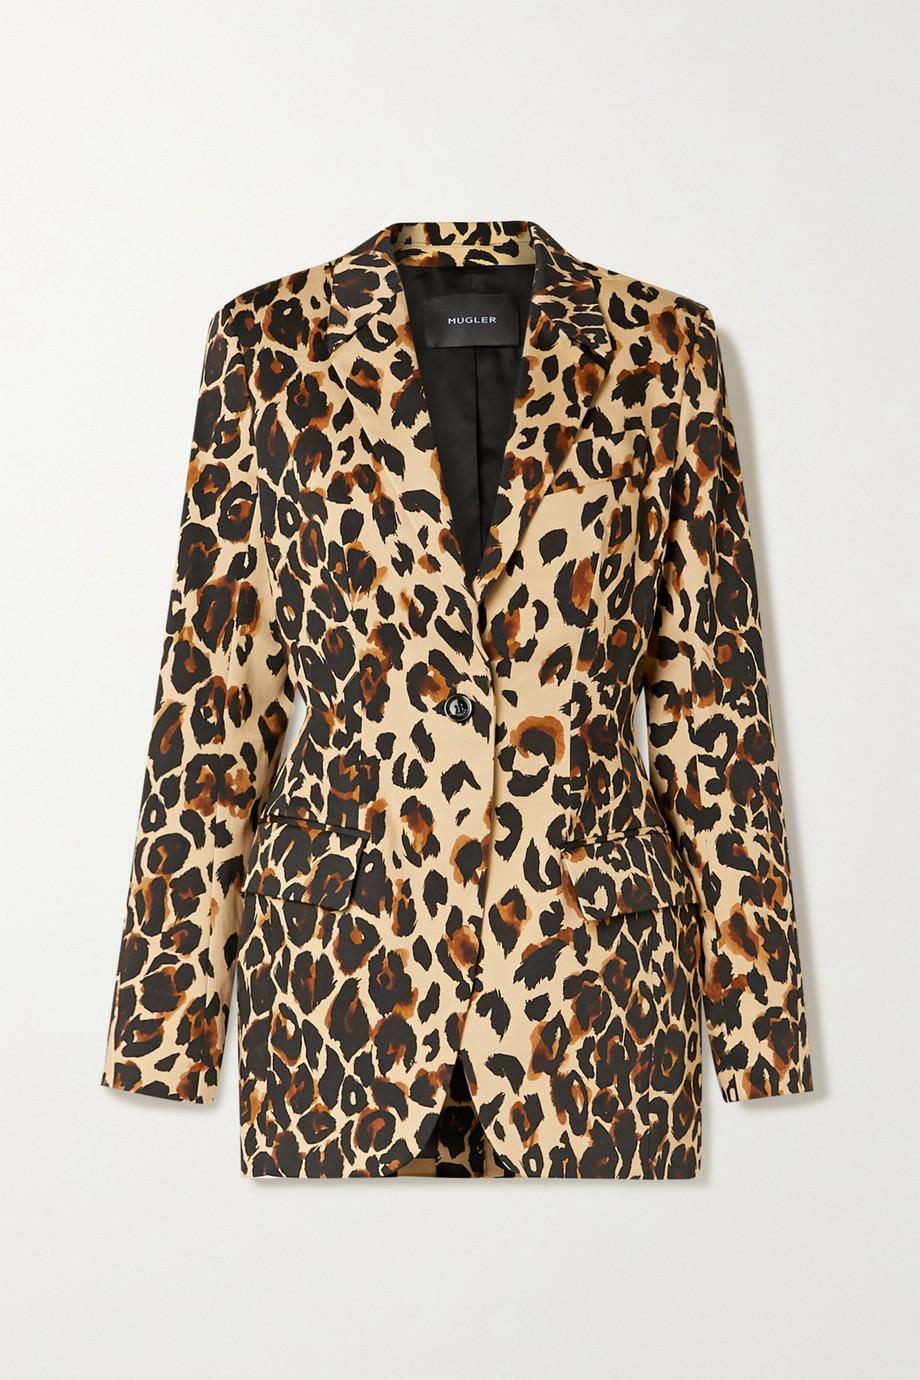 Mugler Leopard-print cotton-blend blazer